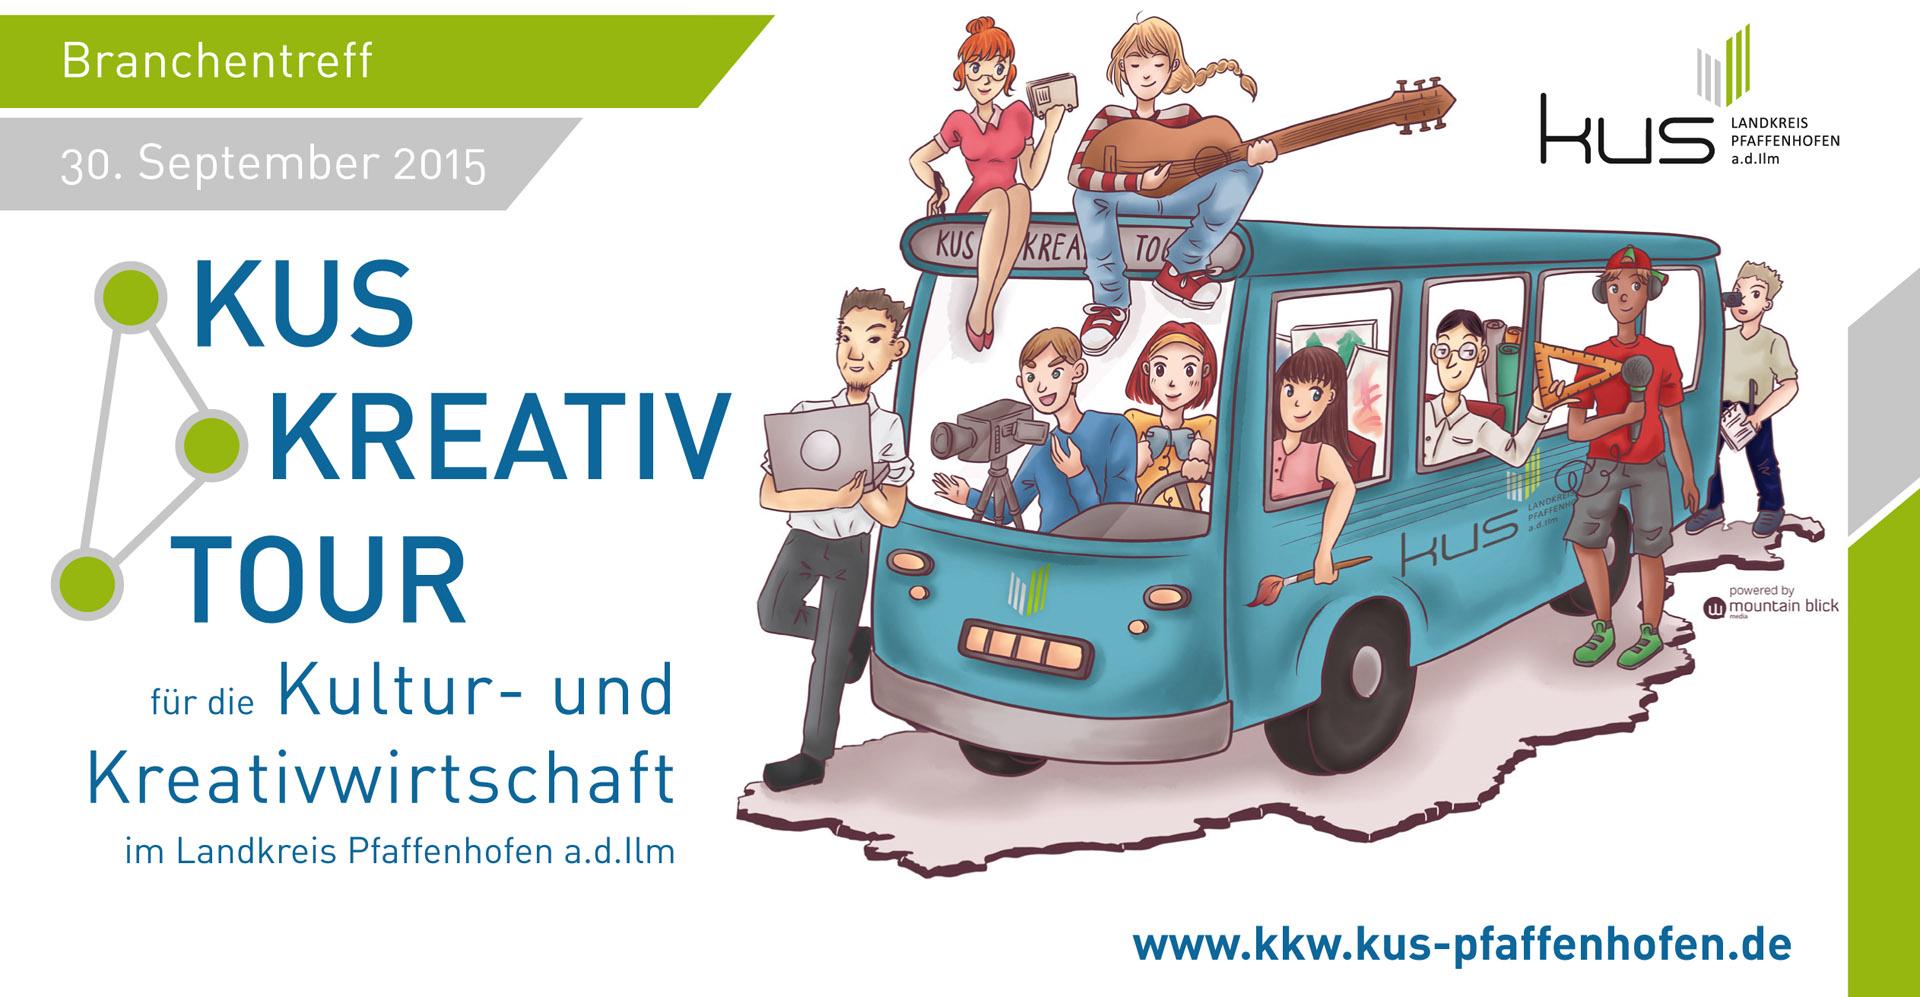 Kus Kreativ Tour 2015 Landkreis Pfaffenhofen